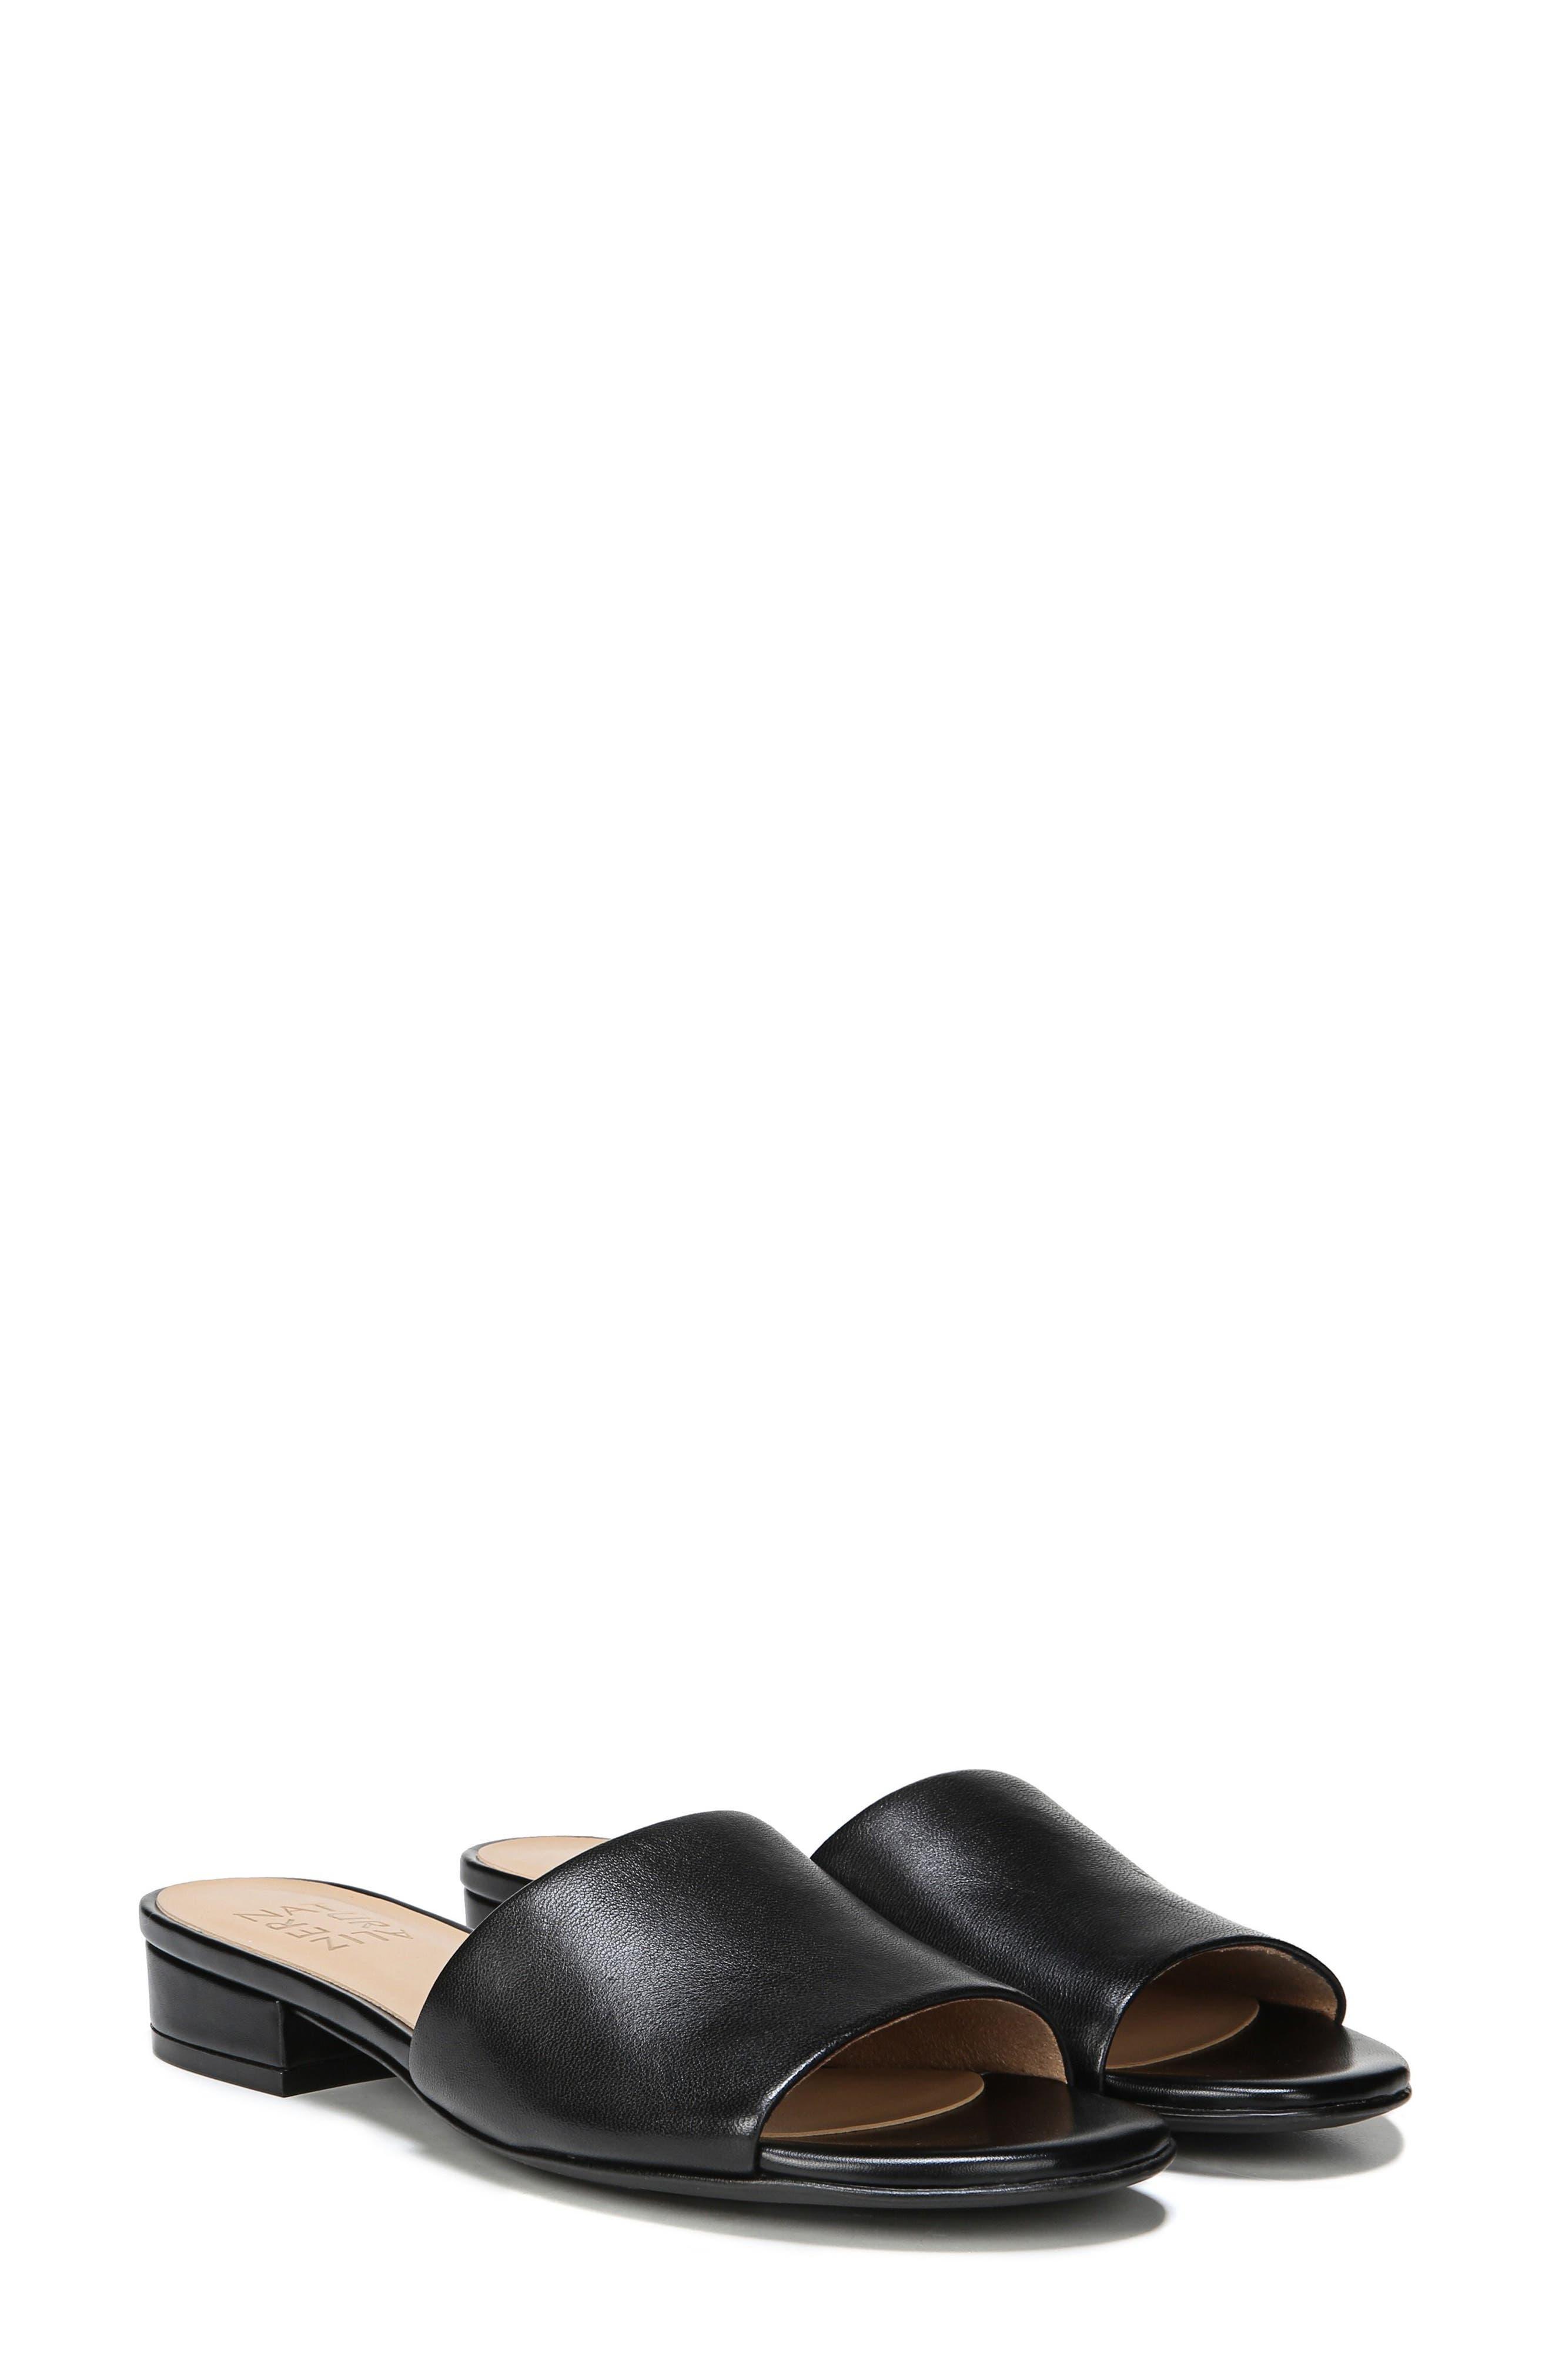 Mason Slide Sandal,                         Main,                         color,